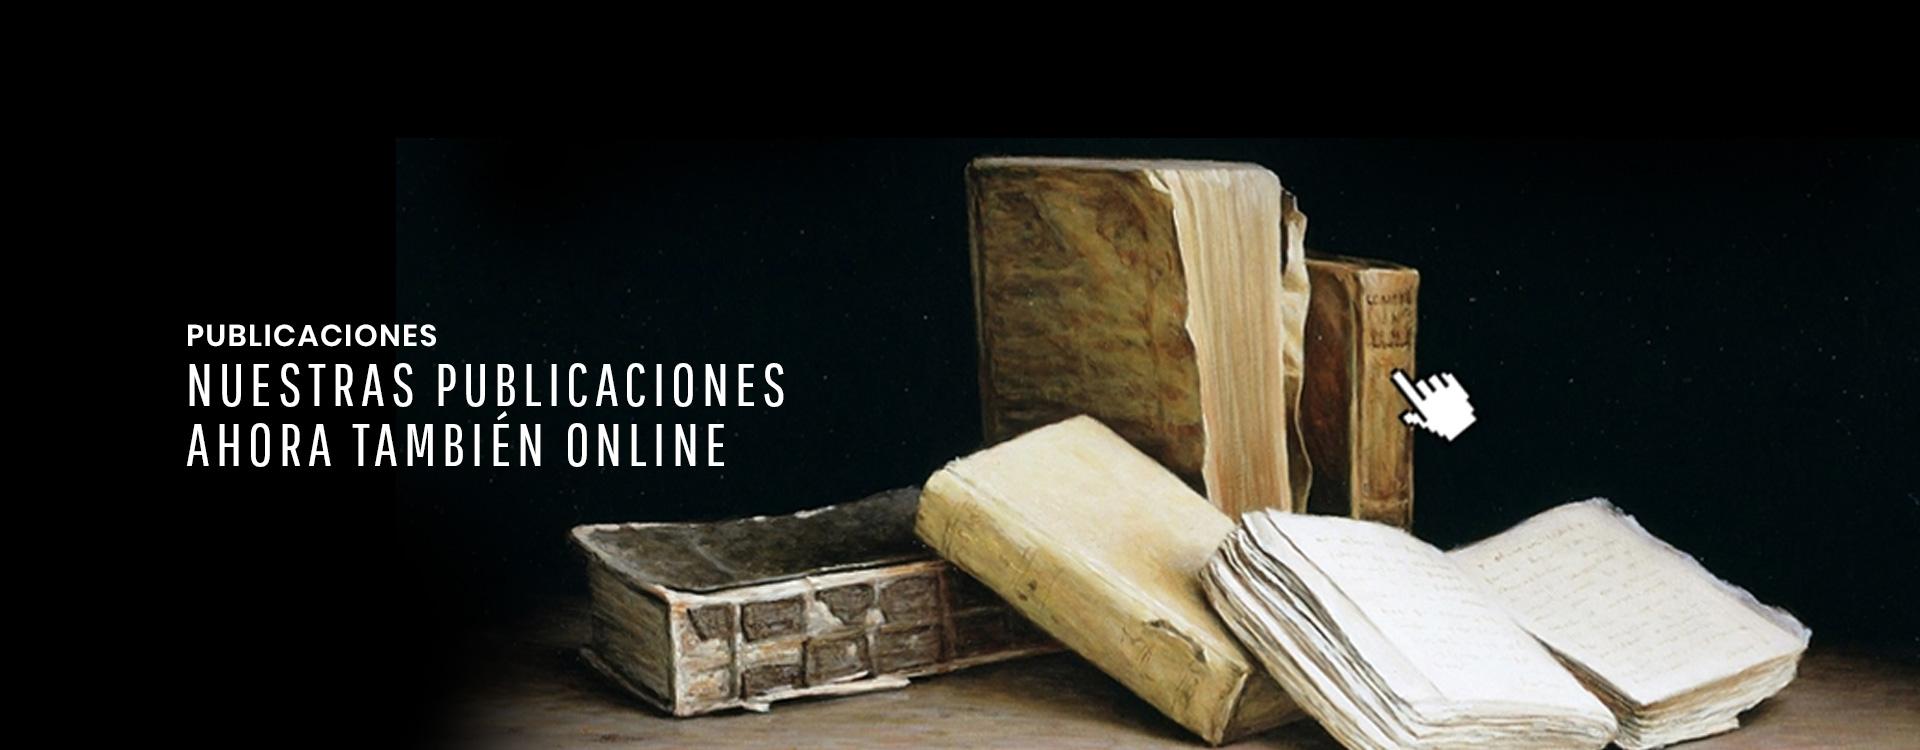 Publicaciones en papel, ahora también online